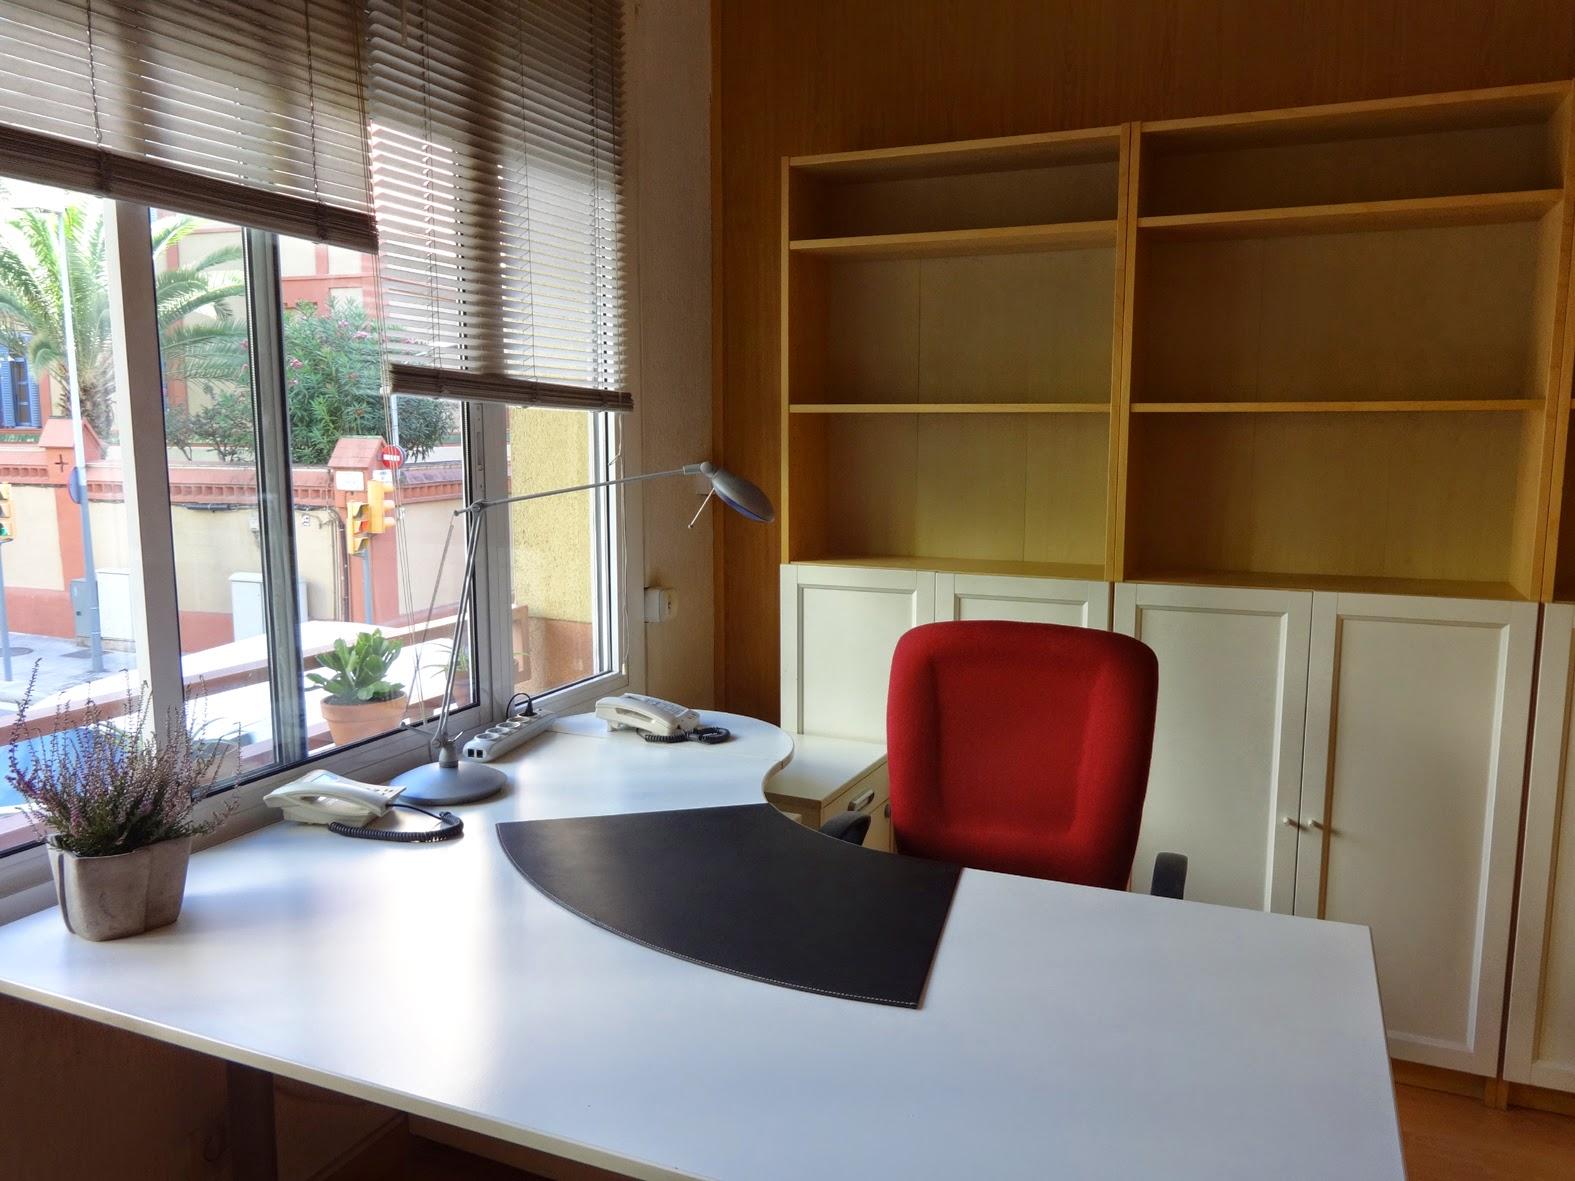 Oficina virtual recados domiciliaciones despachos for Oficina virtual barcelona